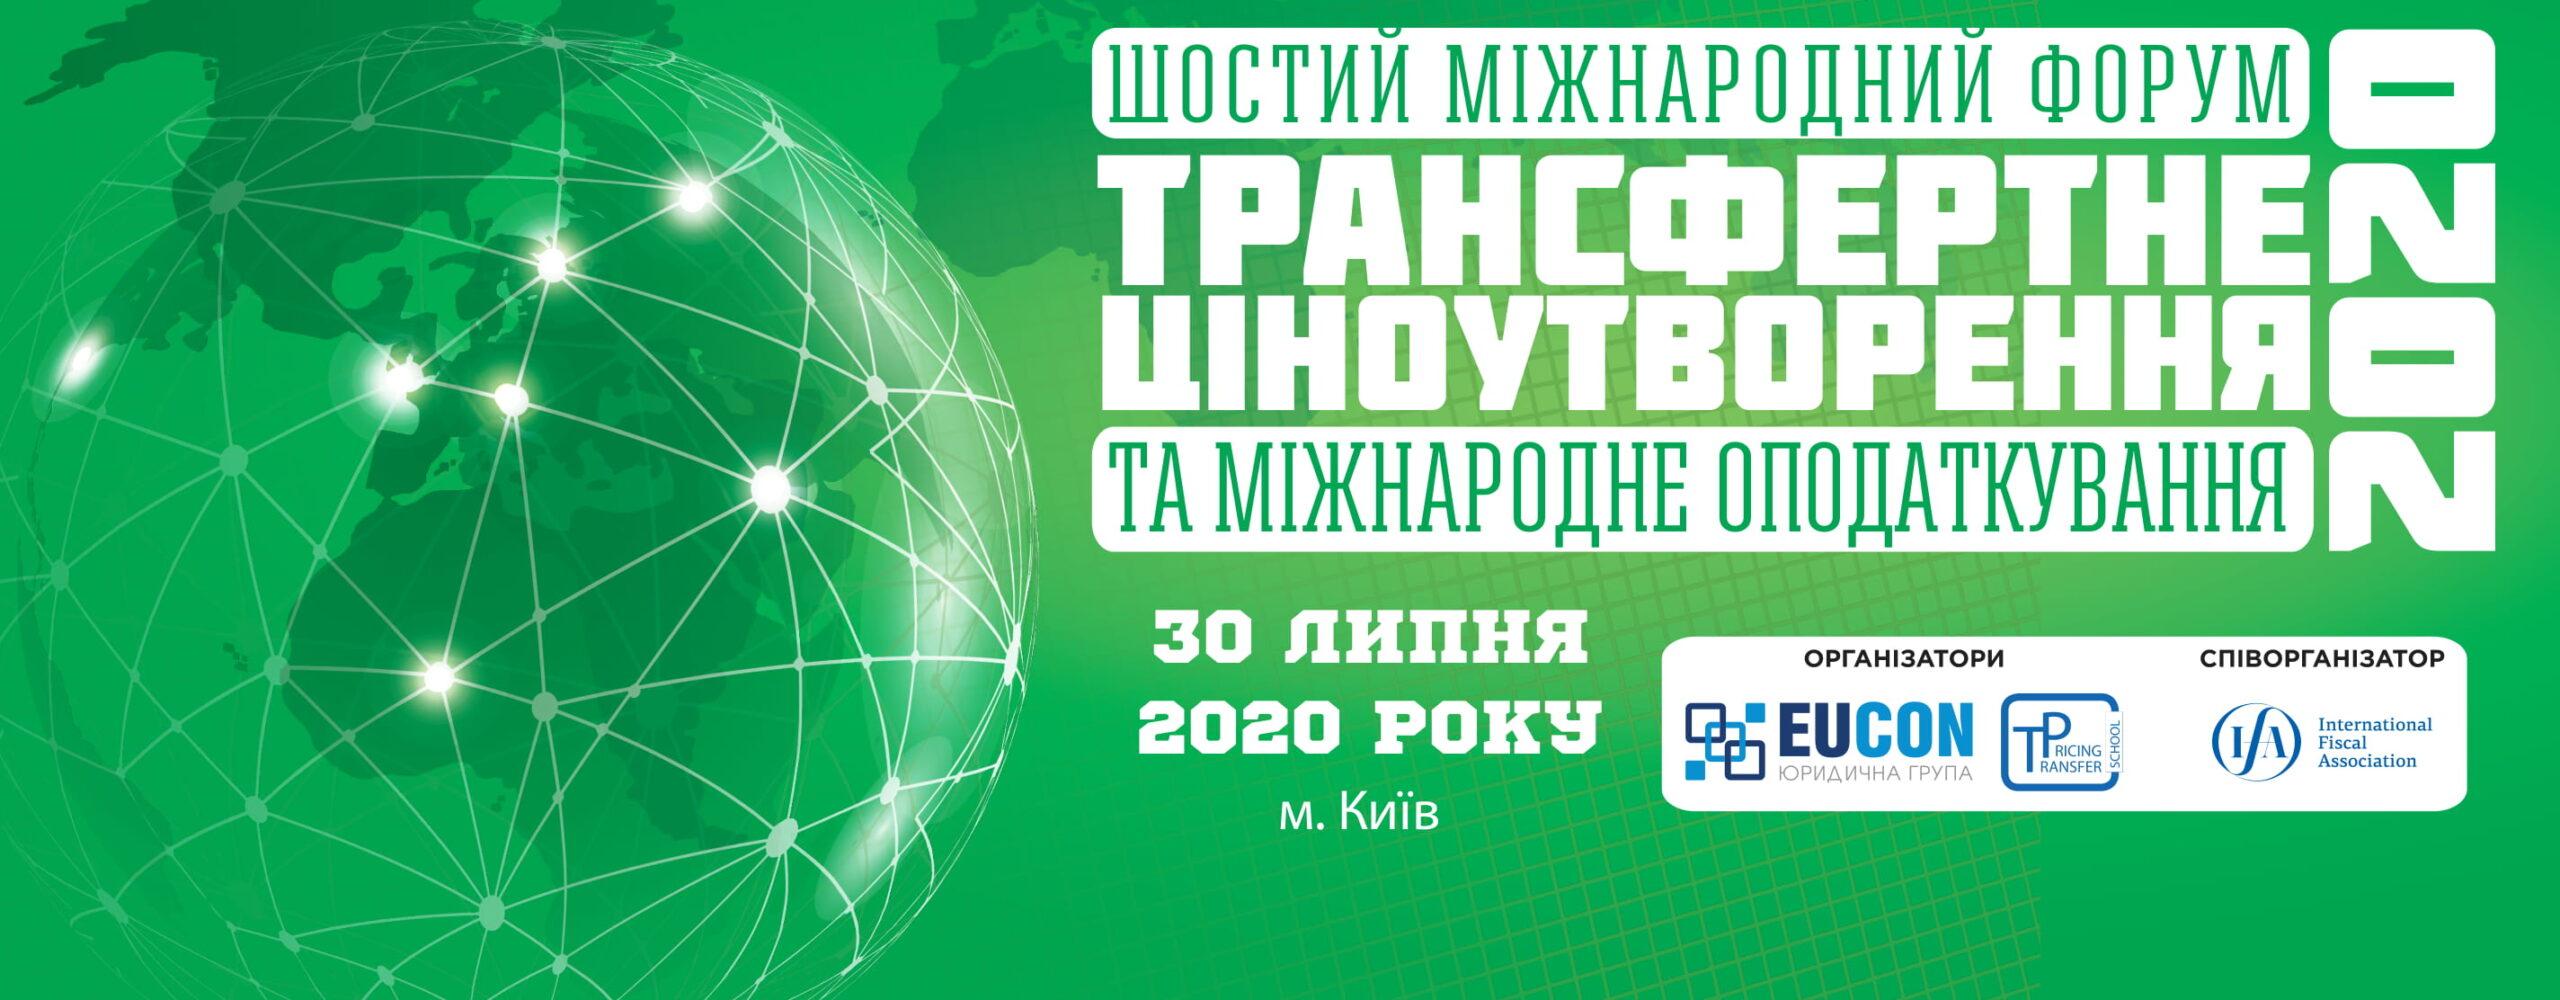 Відкрита реєстрація на VI Міжнародний форум «Трансфертне ціноутворення та міжнародне оподаткування– 2020»